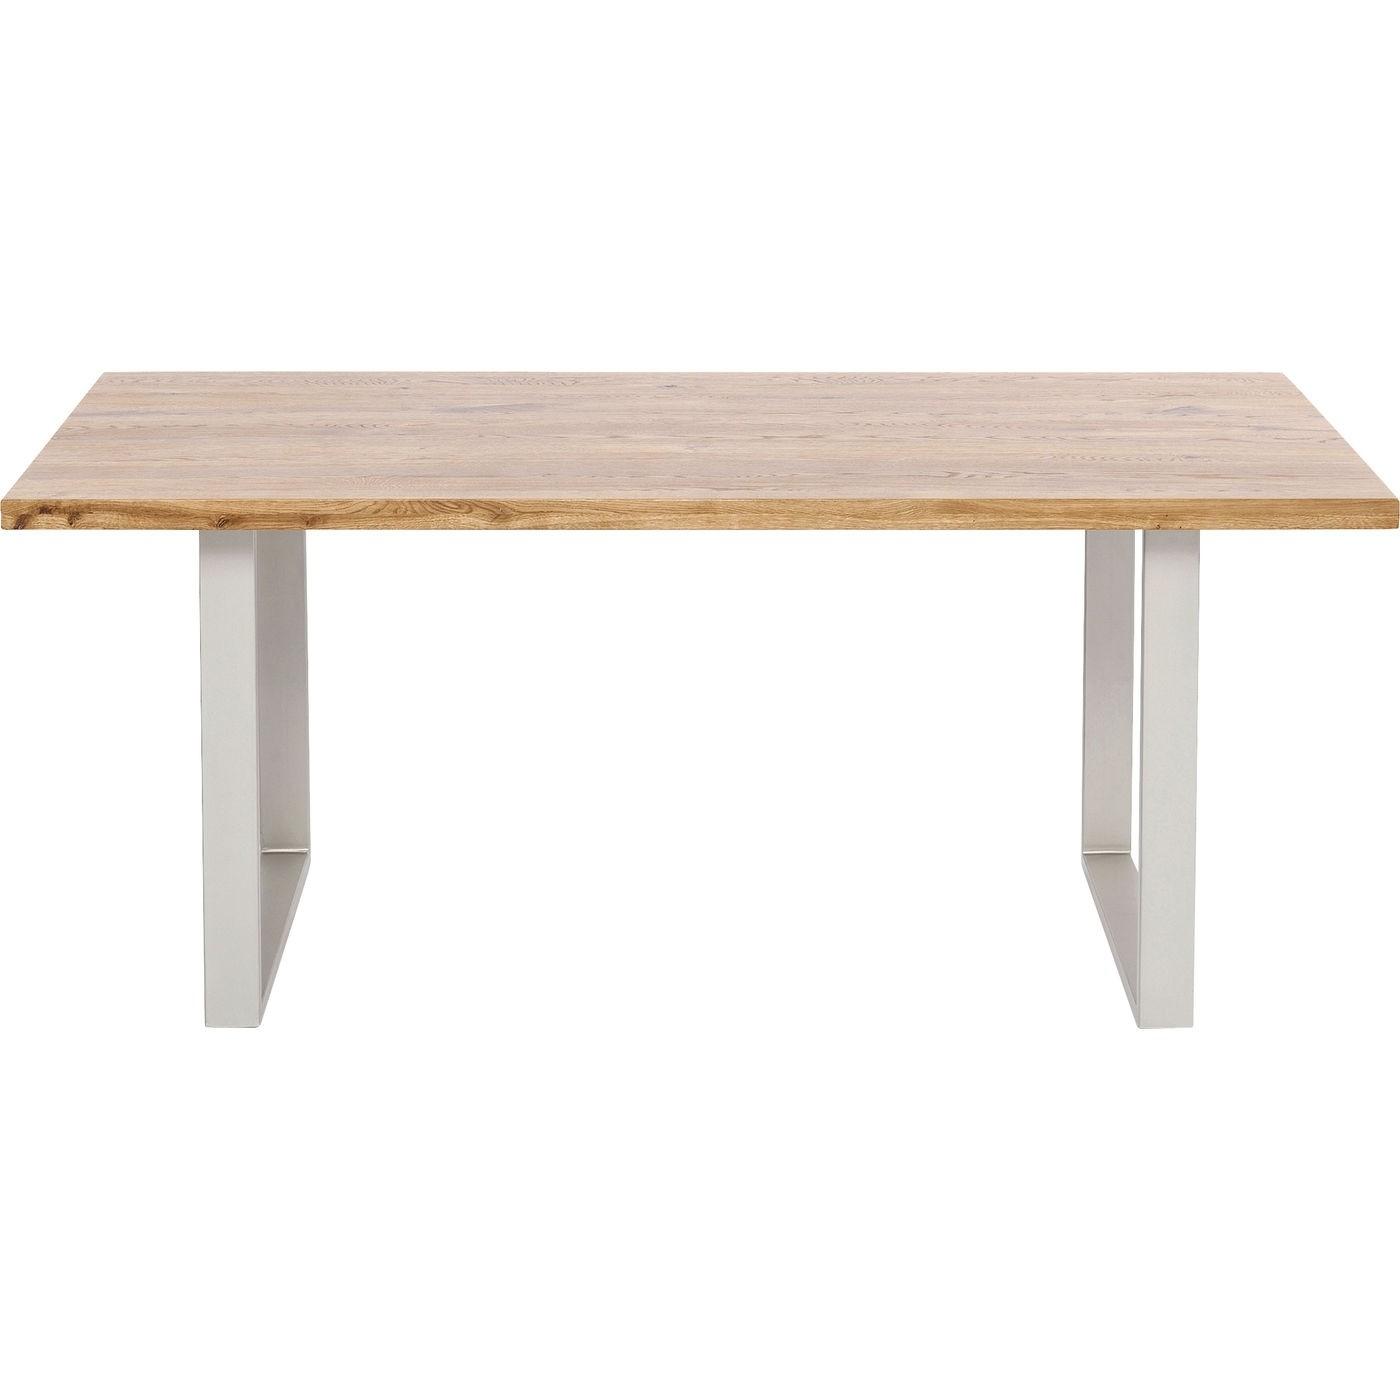 KARE DESIGN rektangulær Jackie Oak Silver spisebord - natur egetræ og sølv stål (160x80)